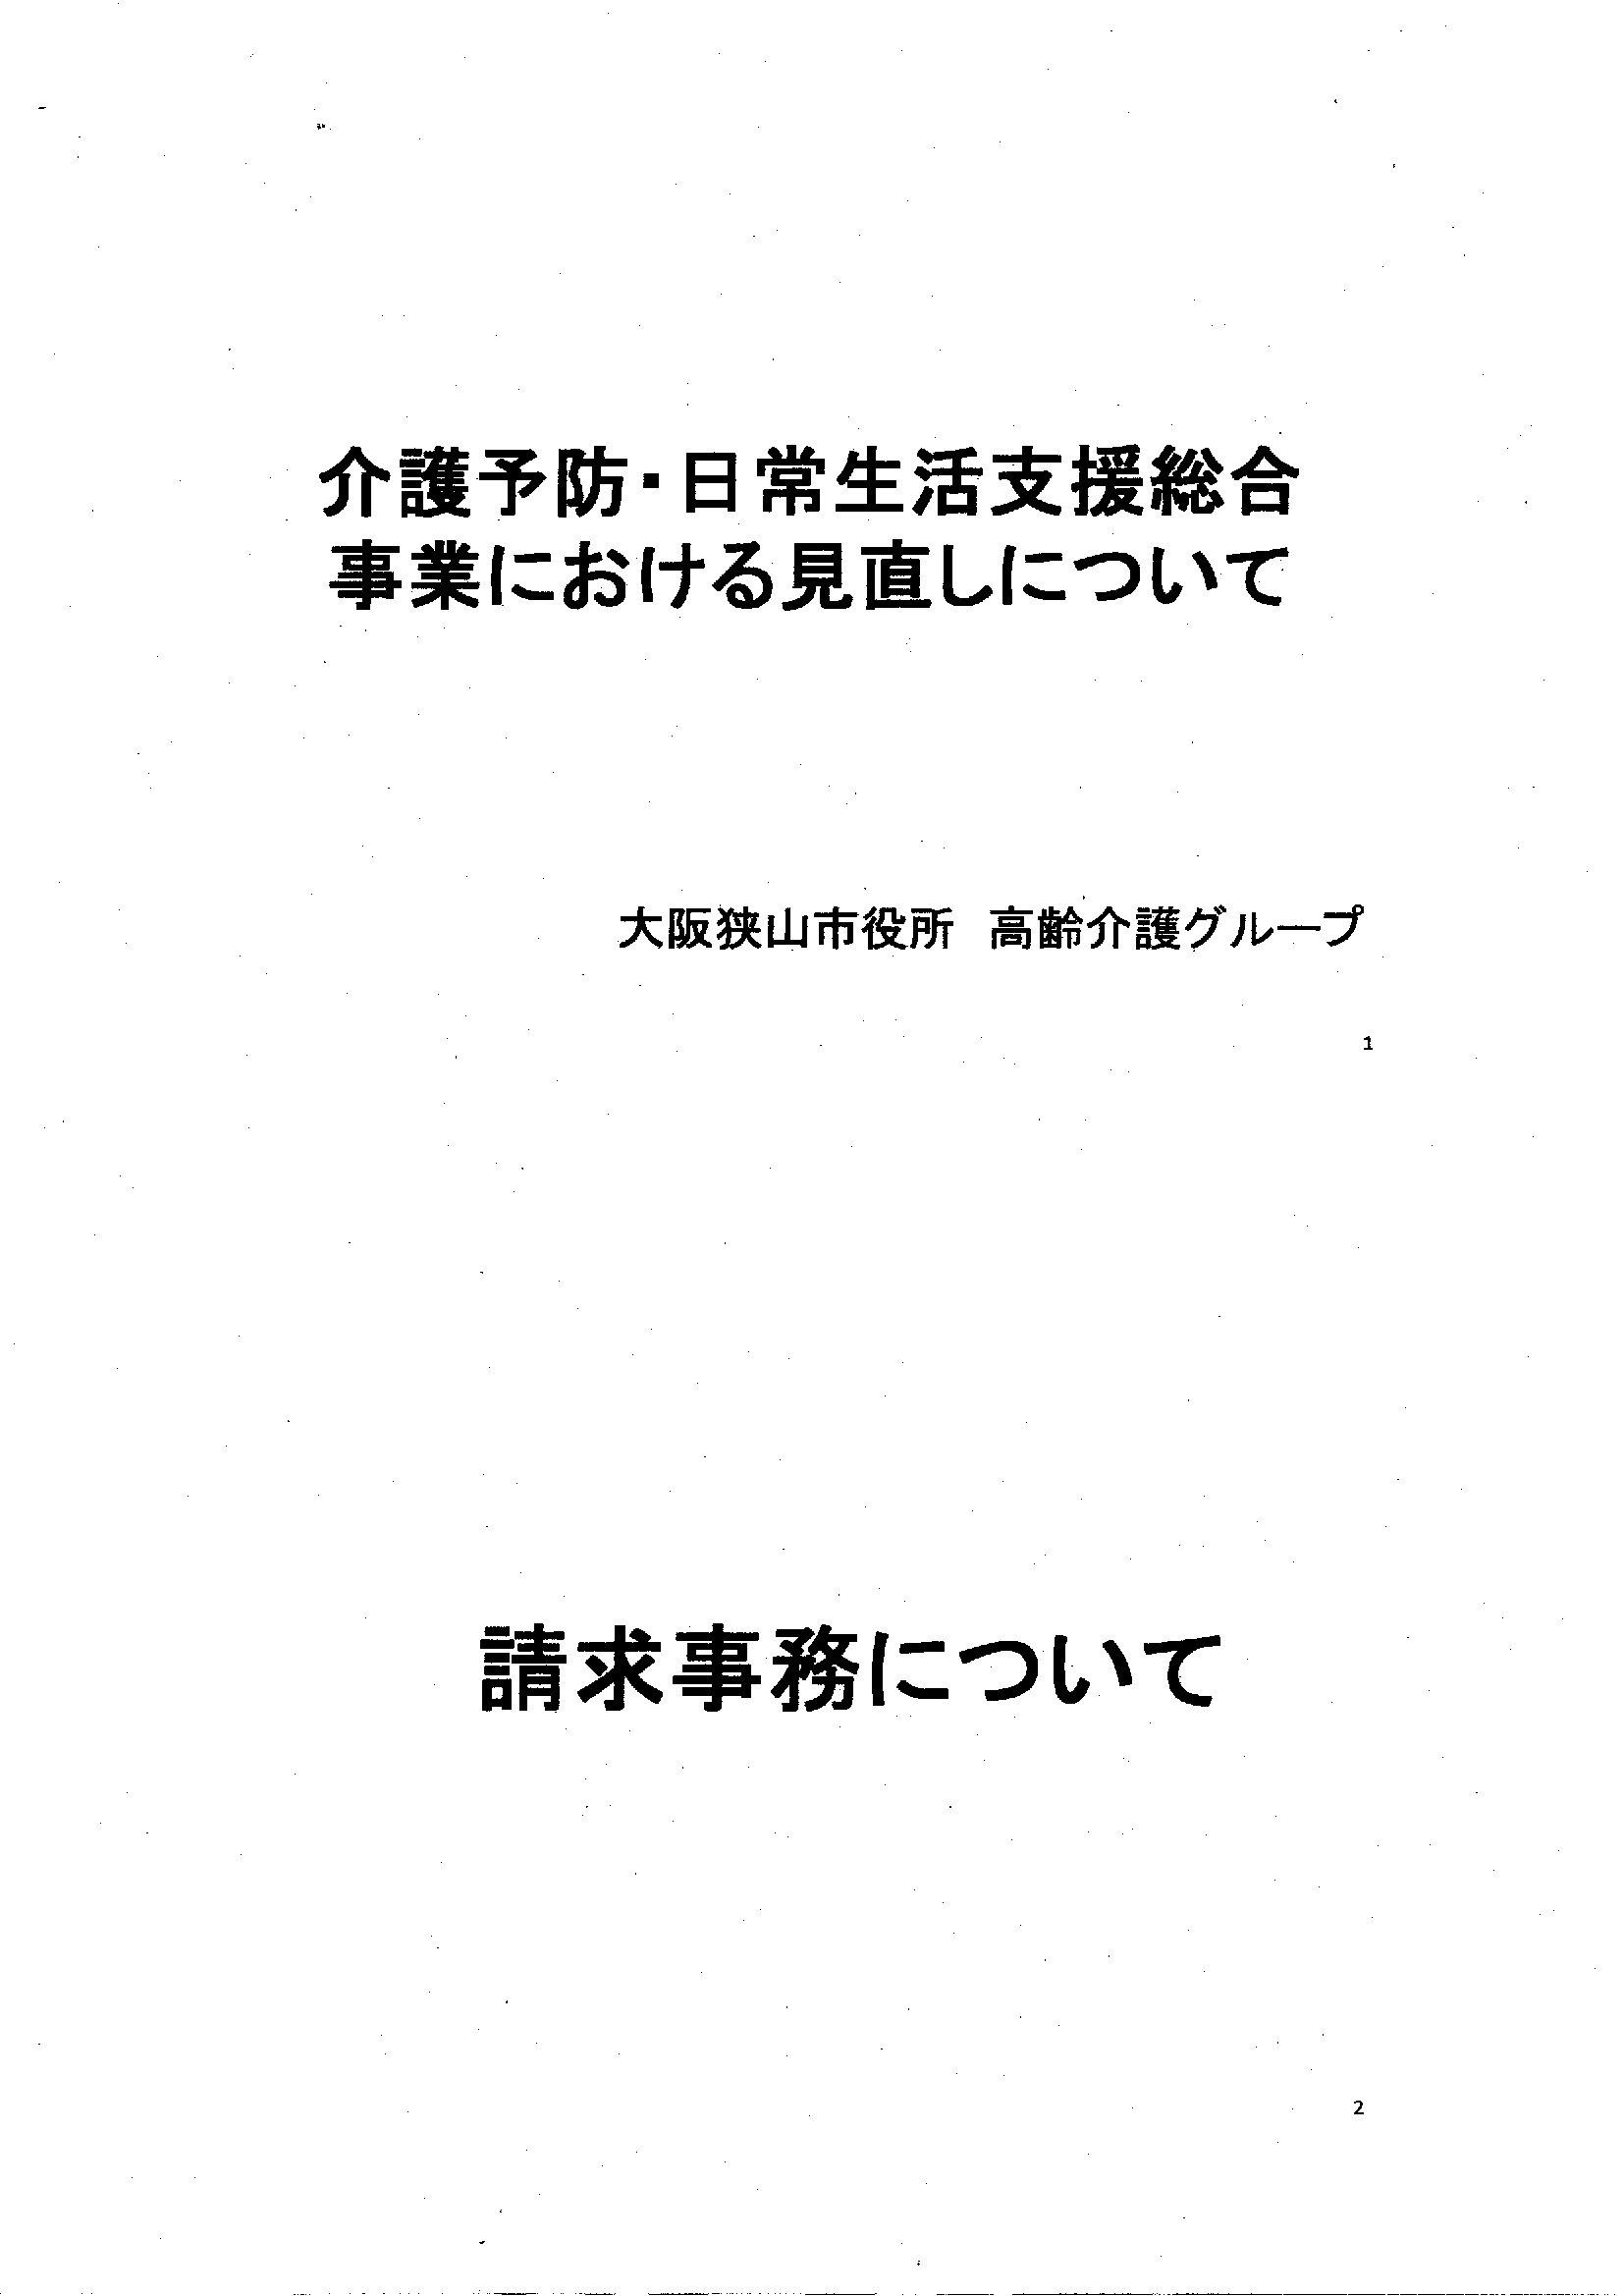 大阪狭山市総合事業の見直し1